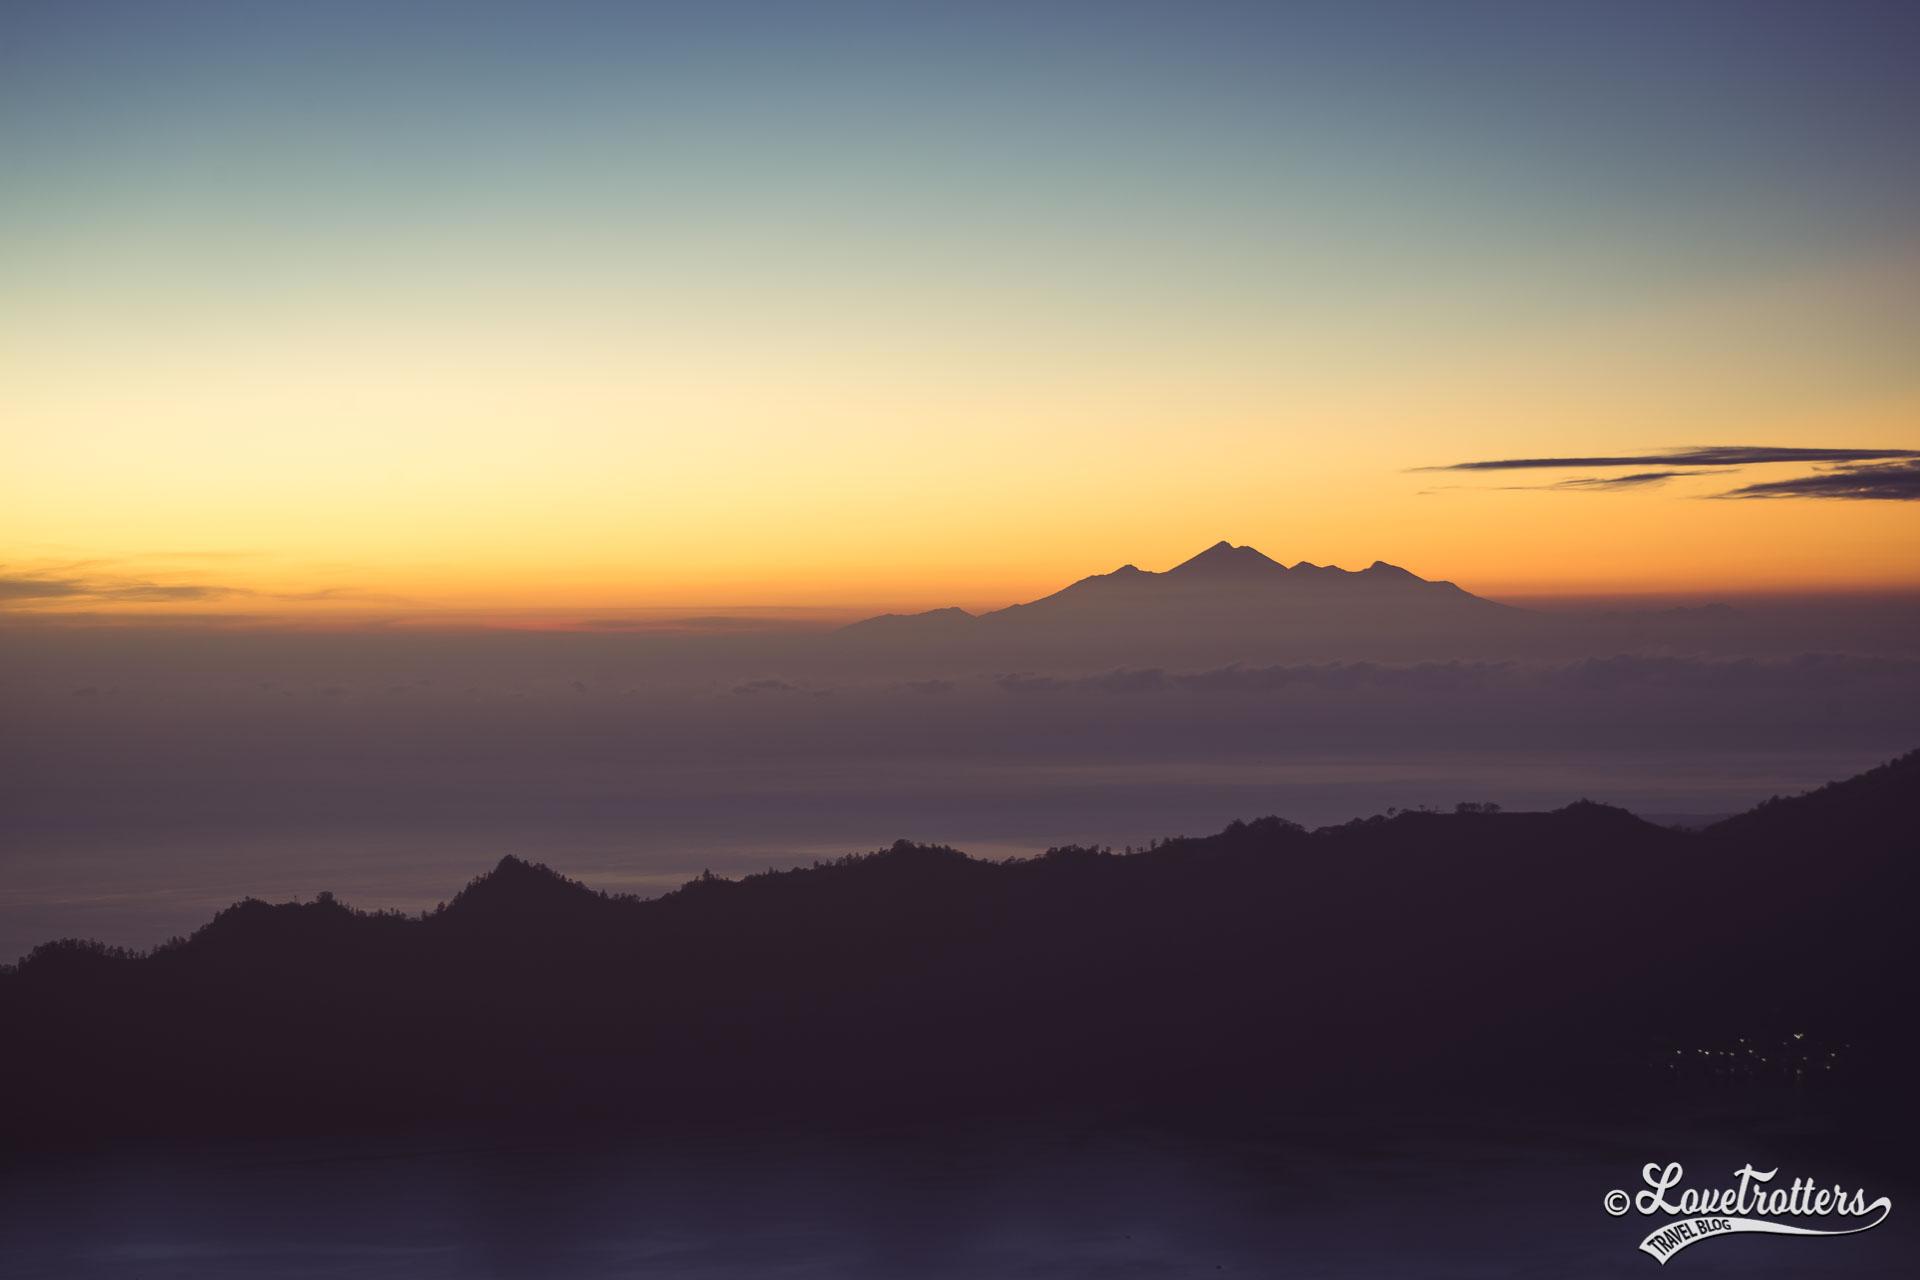 Voyage à Bali - Vue du haut du mont Batur au lever du soleil